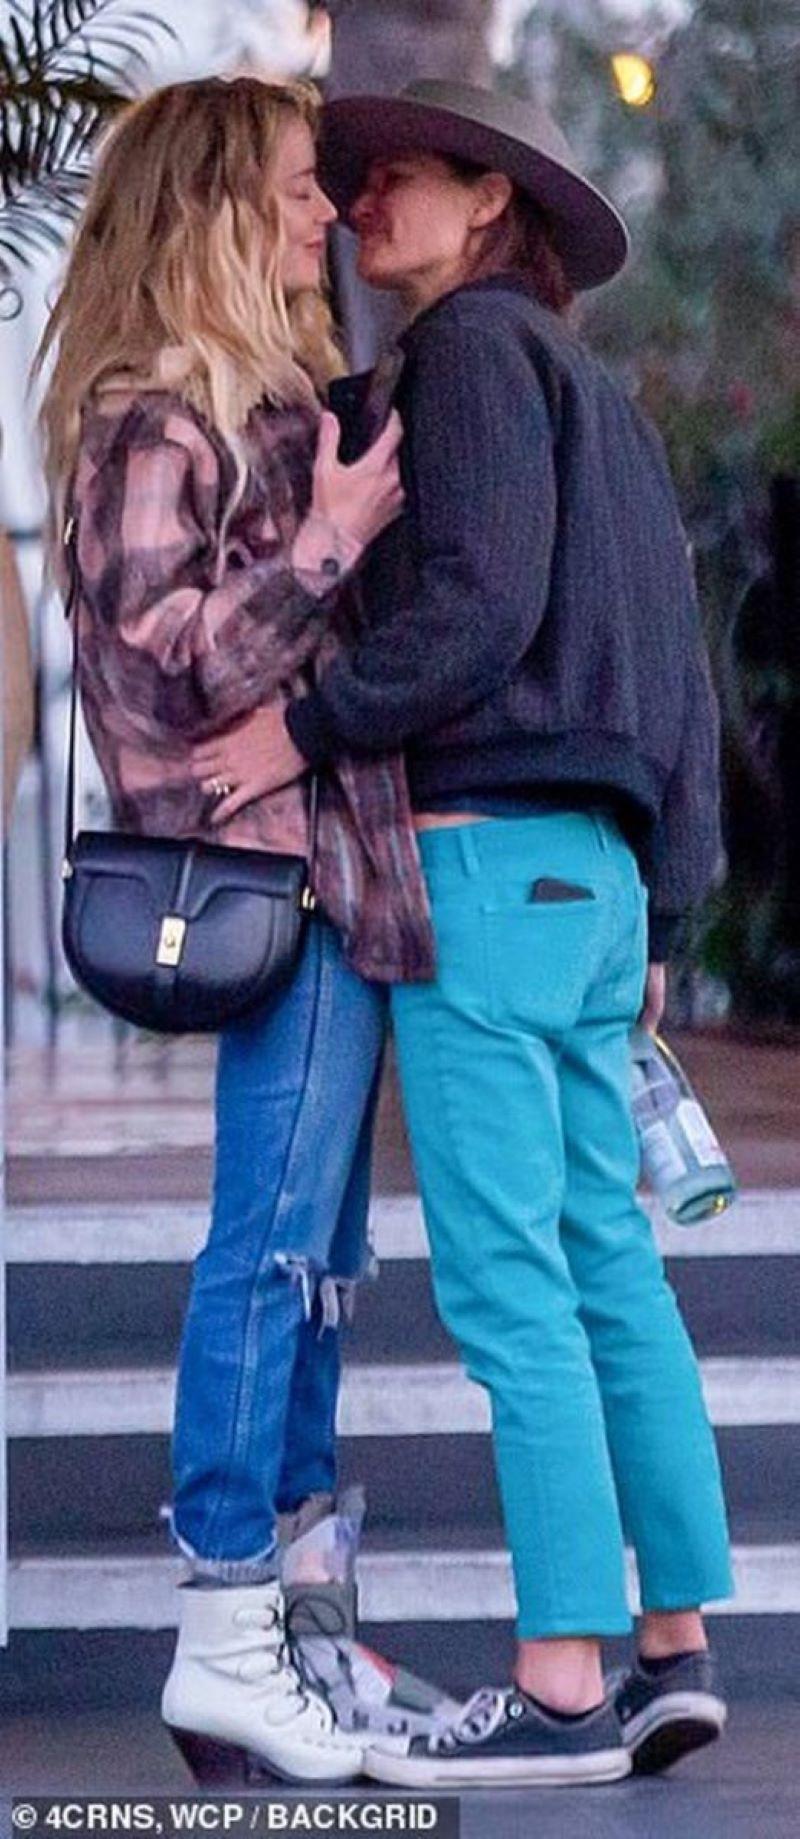 Бывшую жену Джонни Деппа застукали за поцелуями с женщиной - фото 2